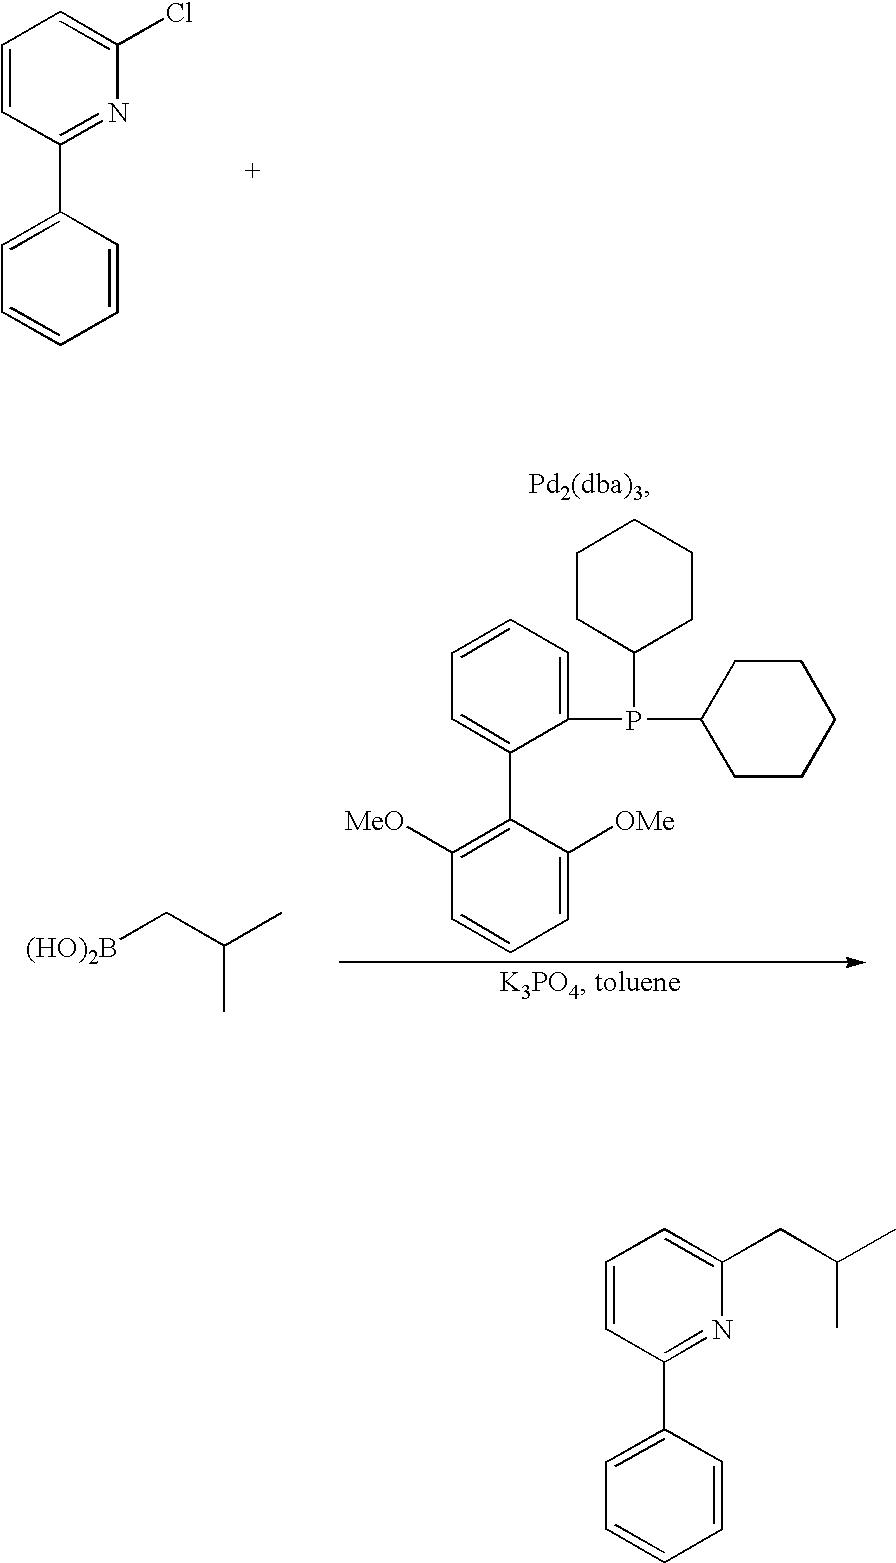 Figure US20090108737A1-20090430-C00096